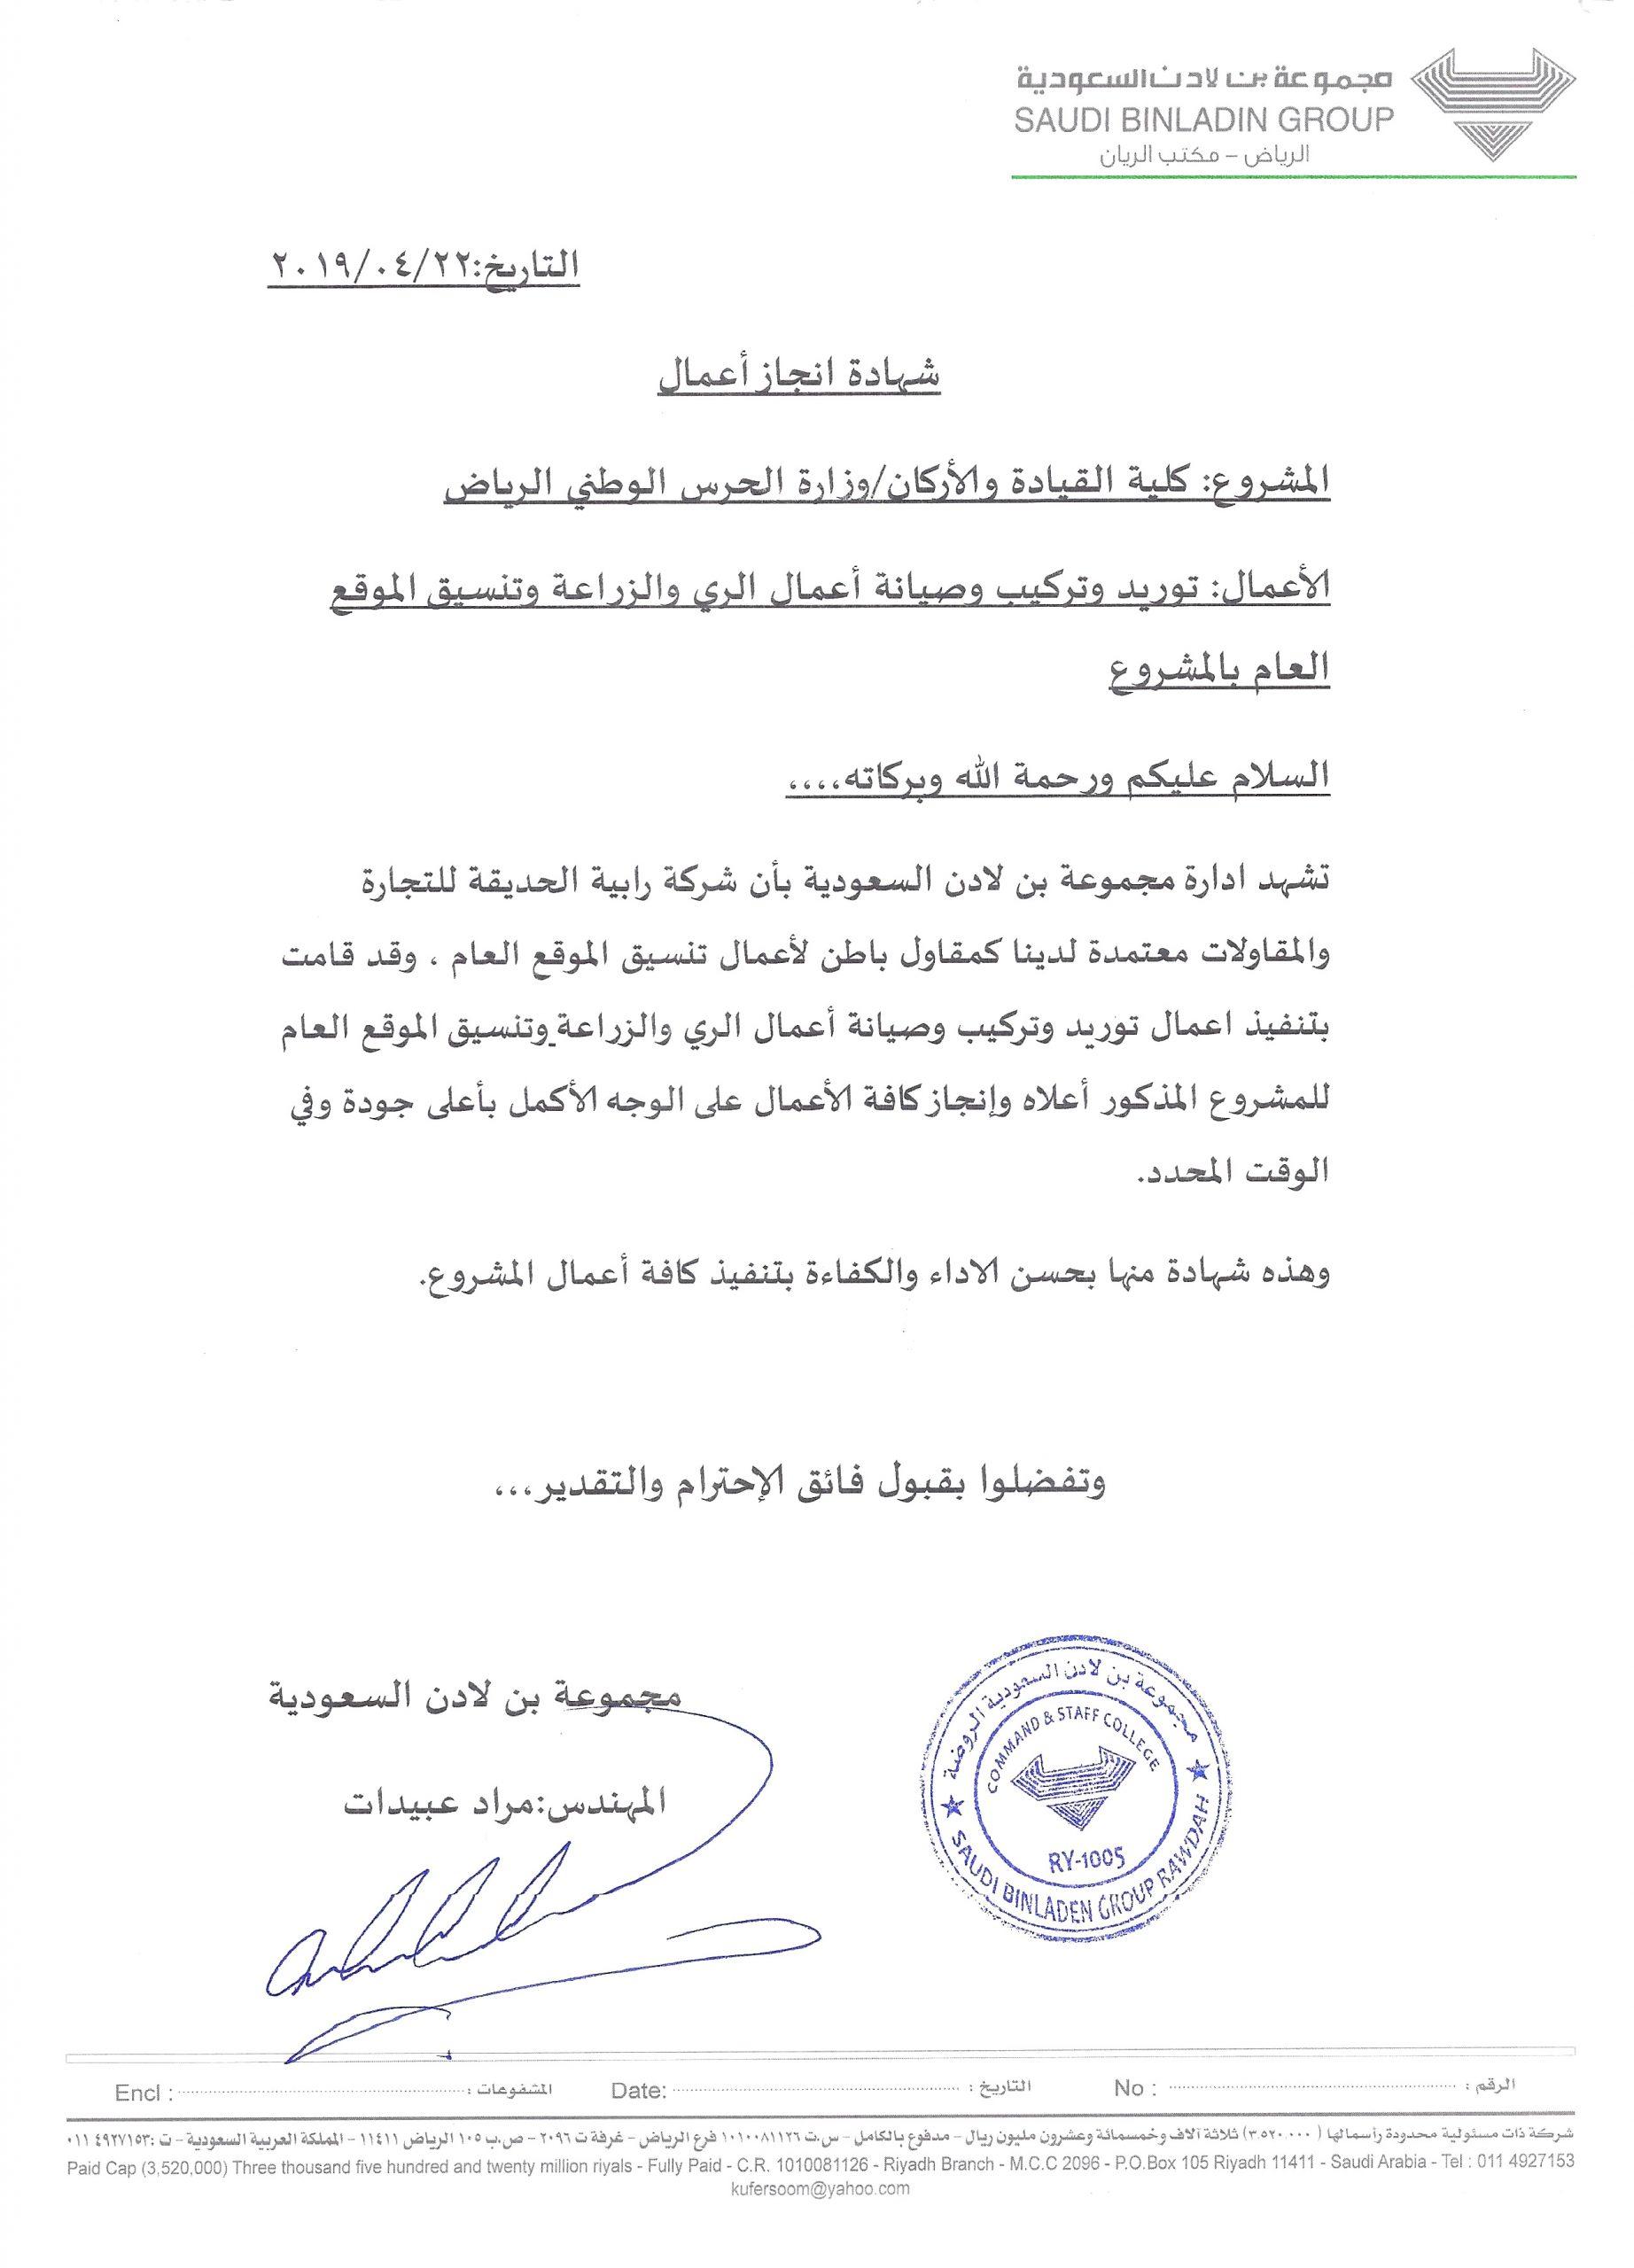 مشروع كلية القيادة والاركان - وزارة الحرس الوطني الرياض